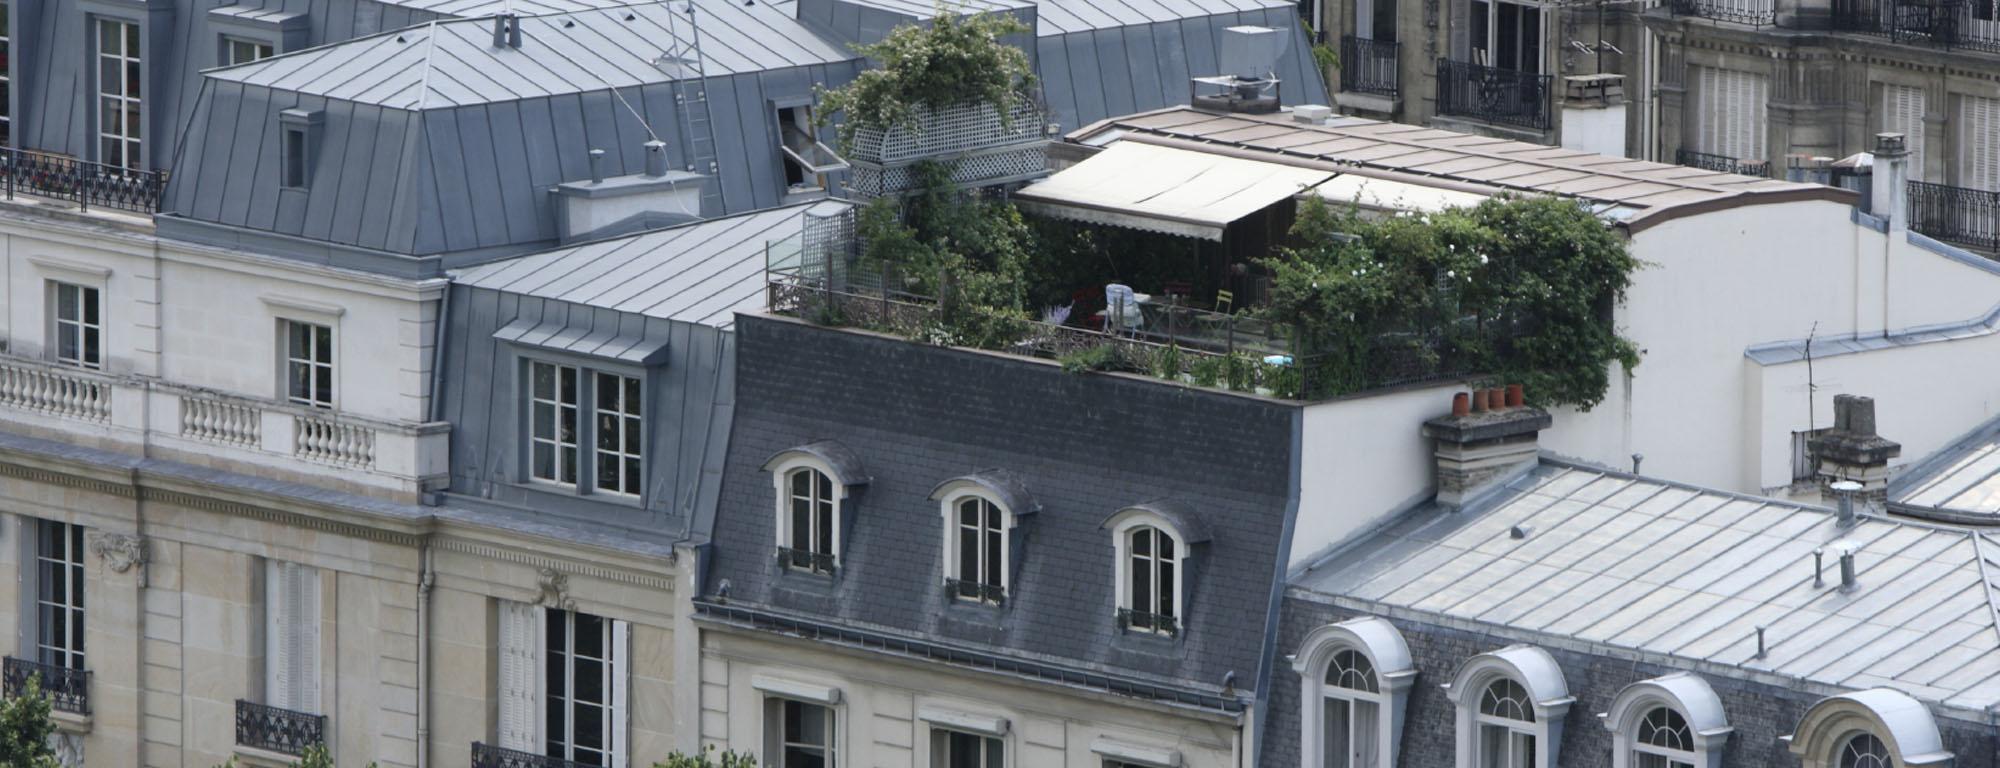 terrassengestaltung tipps